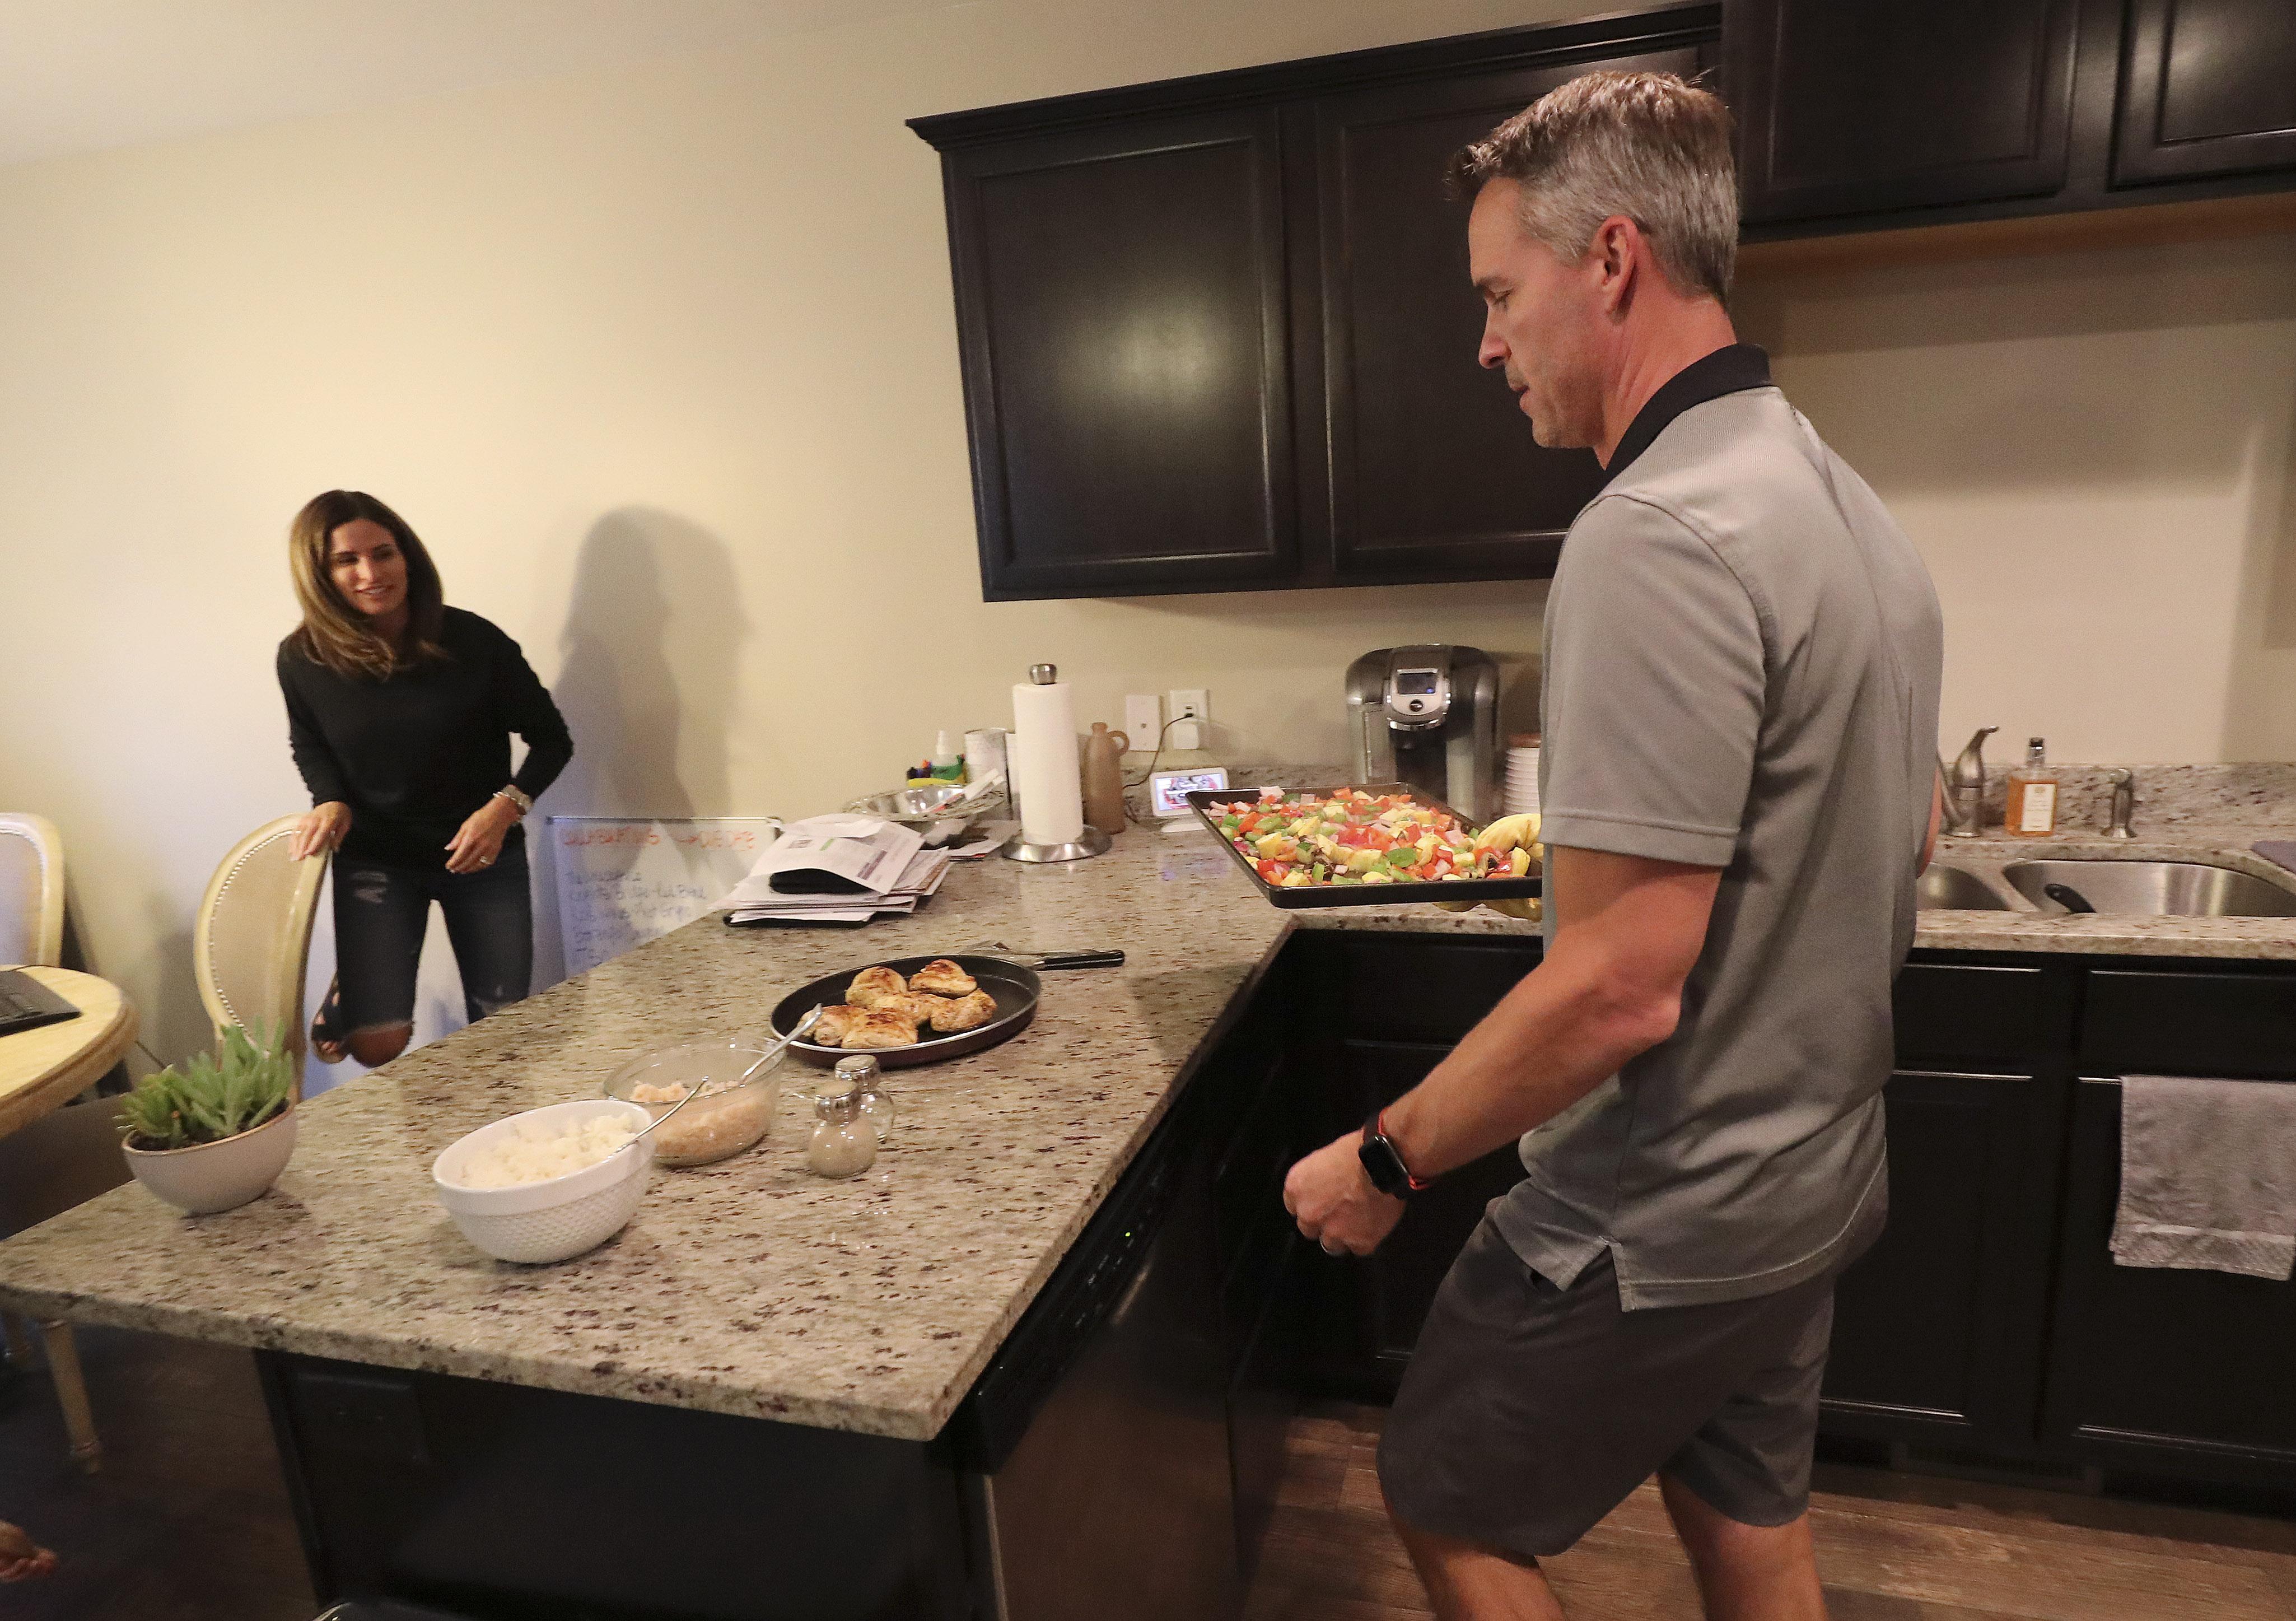 Thayne and Brooke Martin prepare dinner for their family in Draper on Thursday, Sept. 17, 2020.